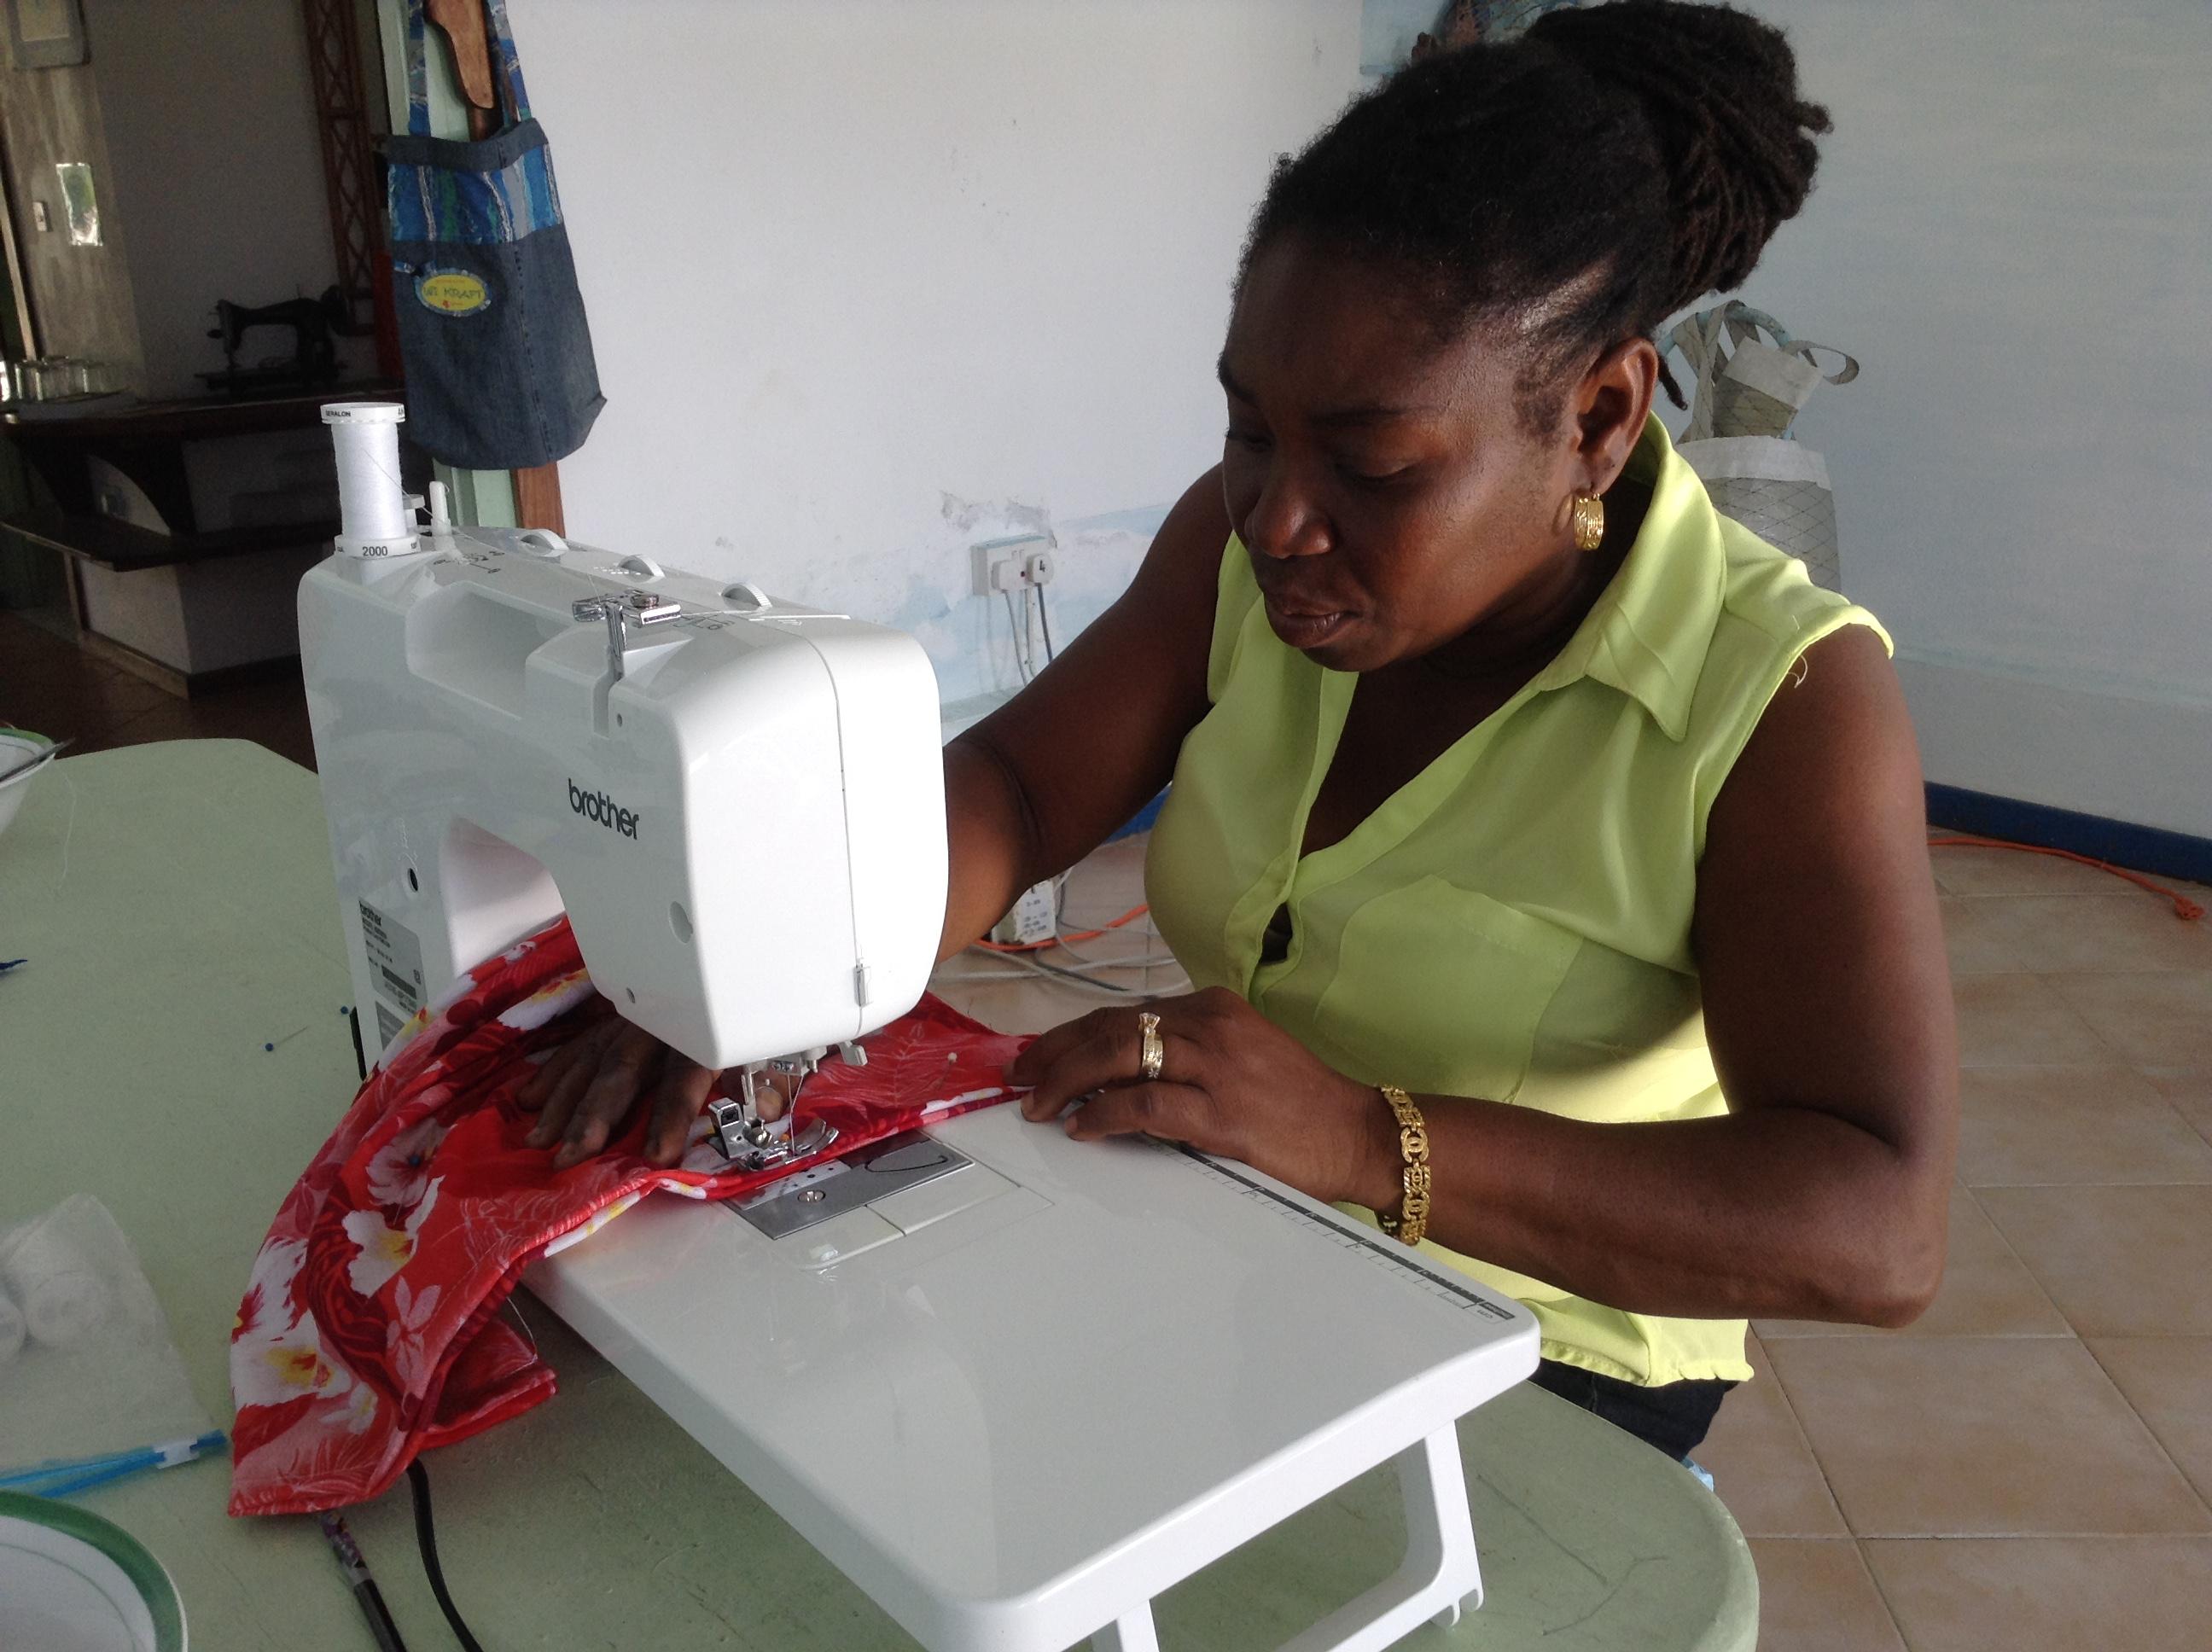 Trainee creating a fashion bag